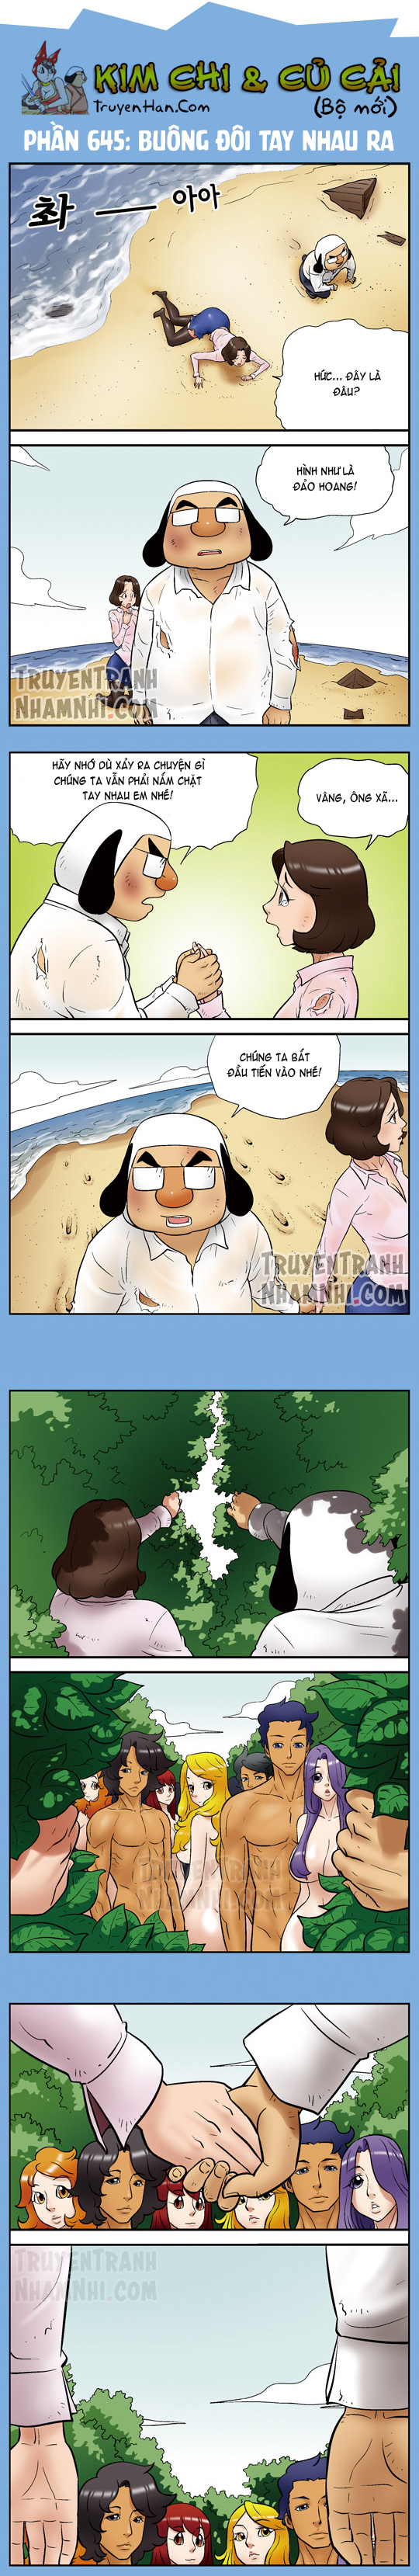 Kim Chi Và Củ Cải Phần 645: Buông đôi tay nhau ra